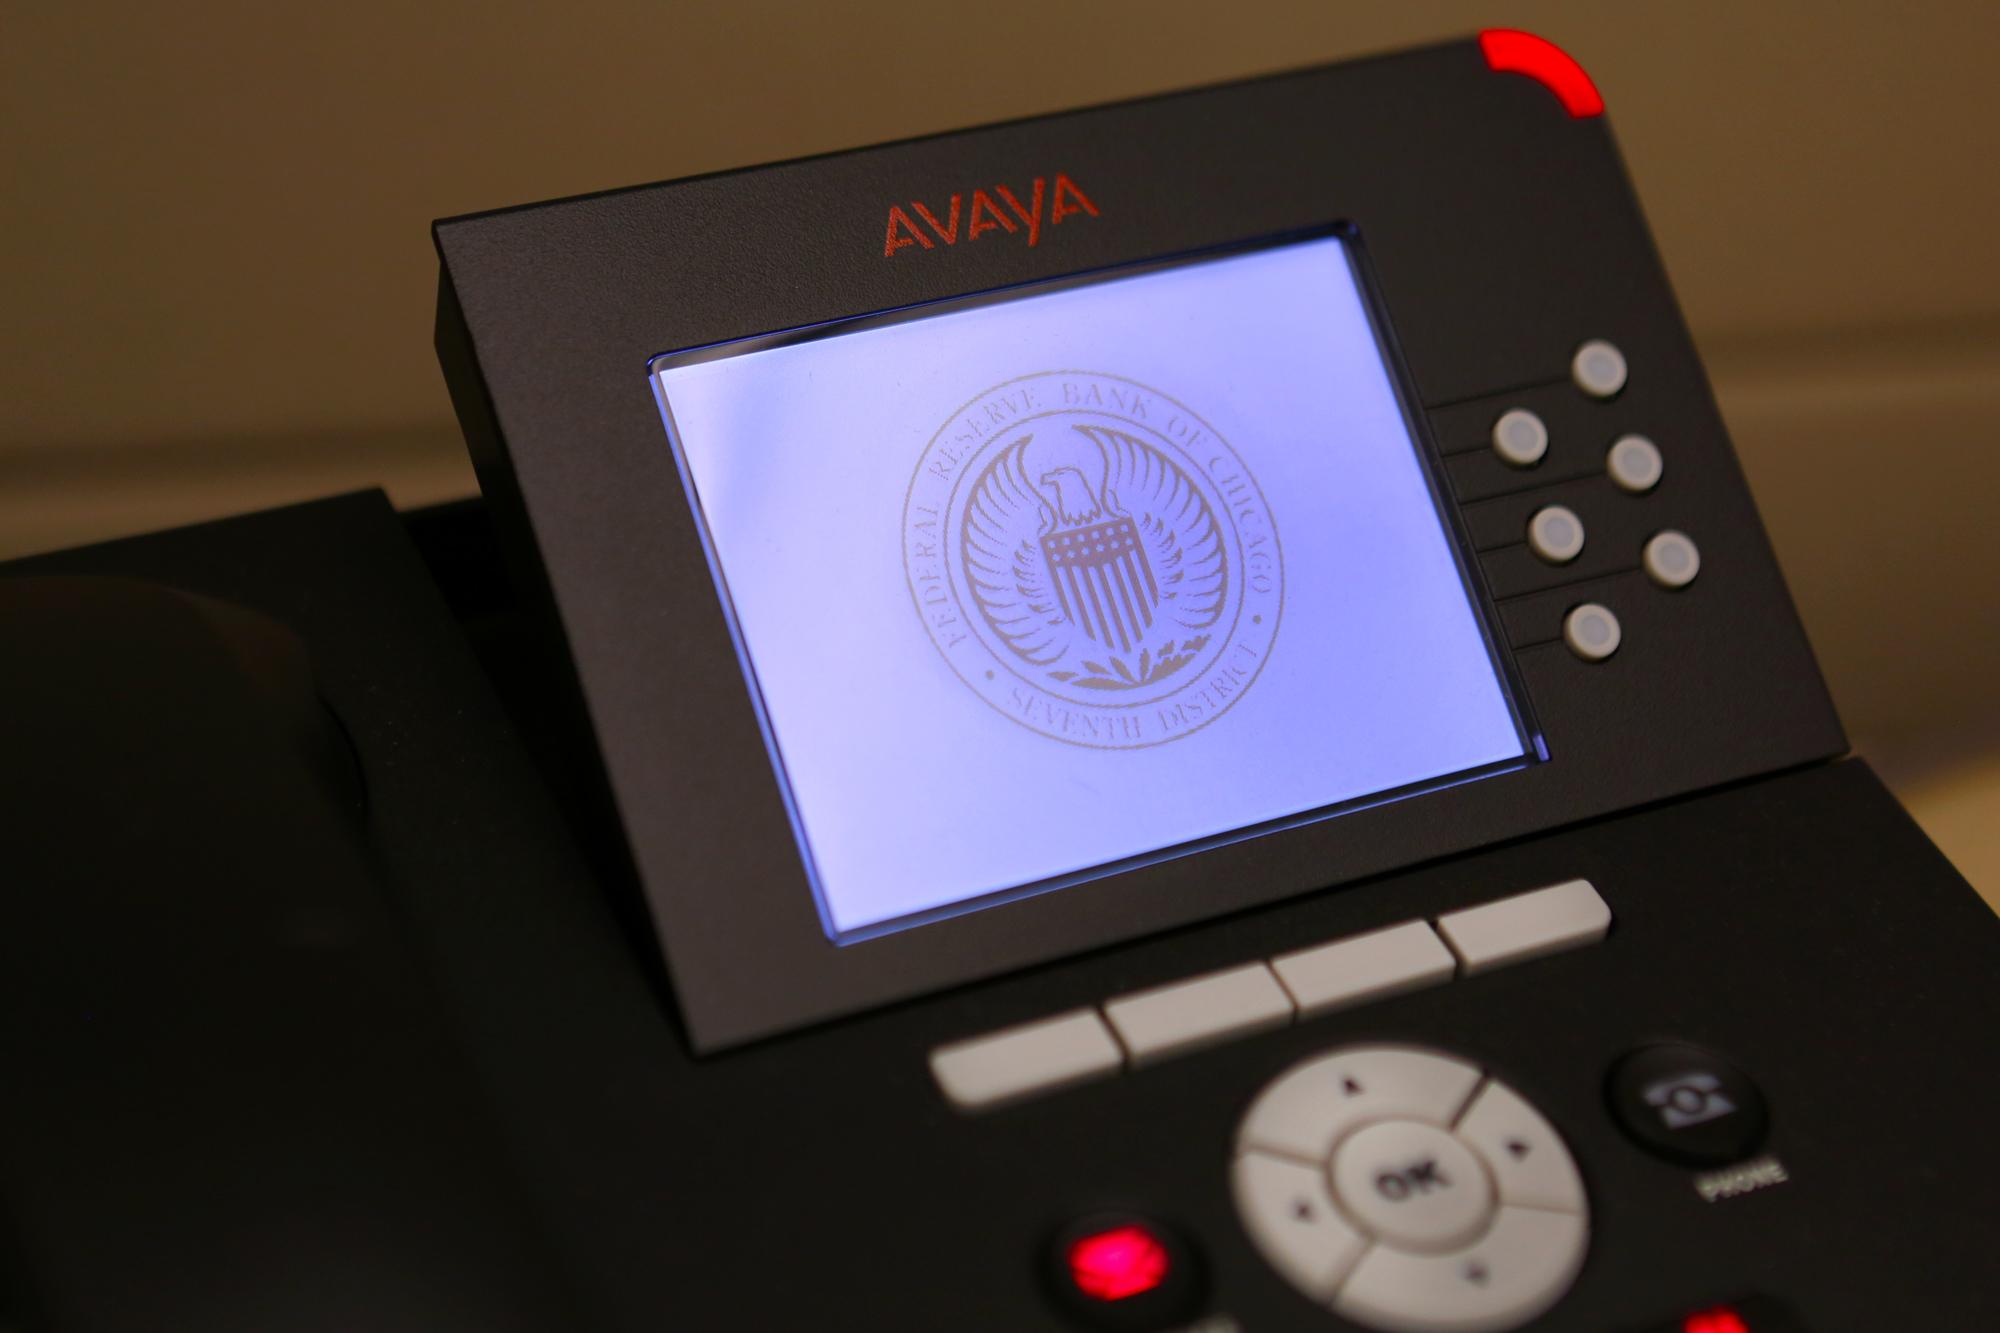 Seal image as phone's screensaver